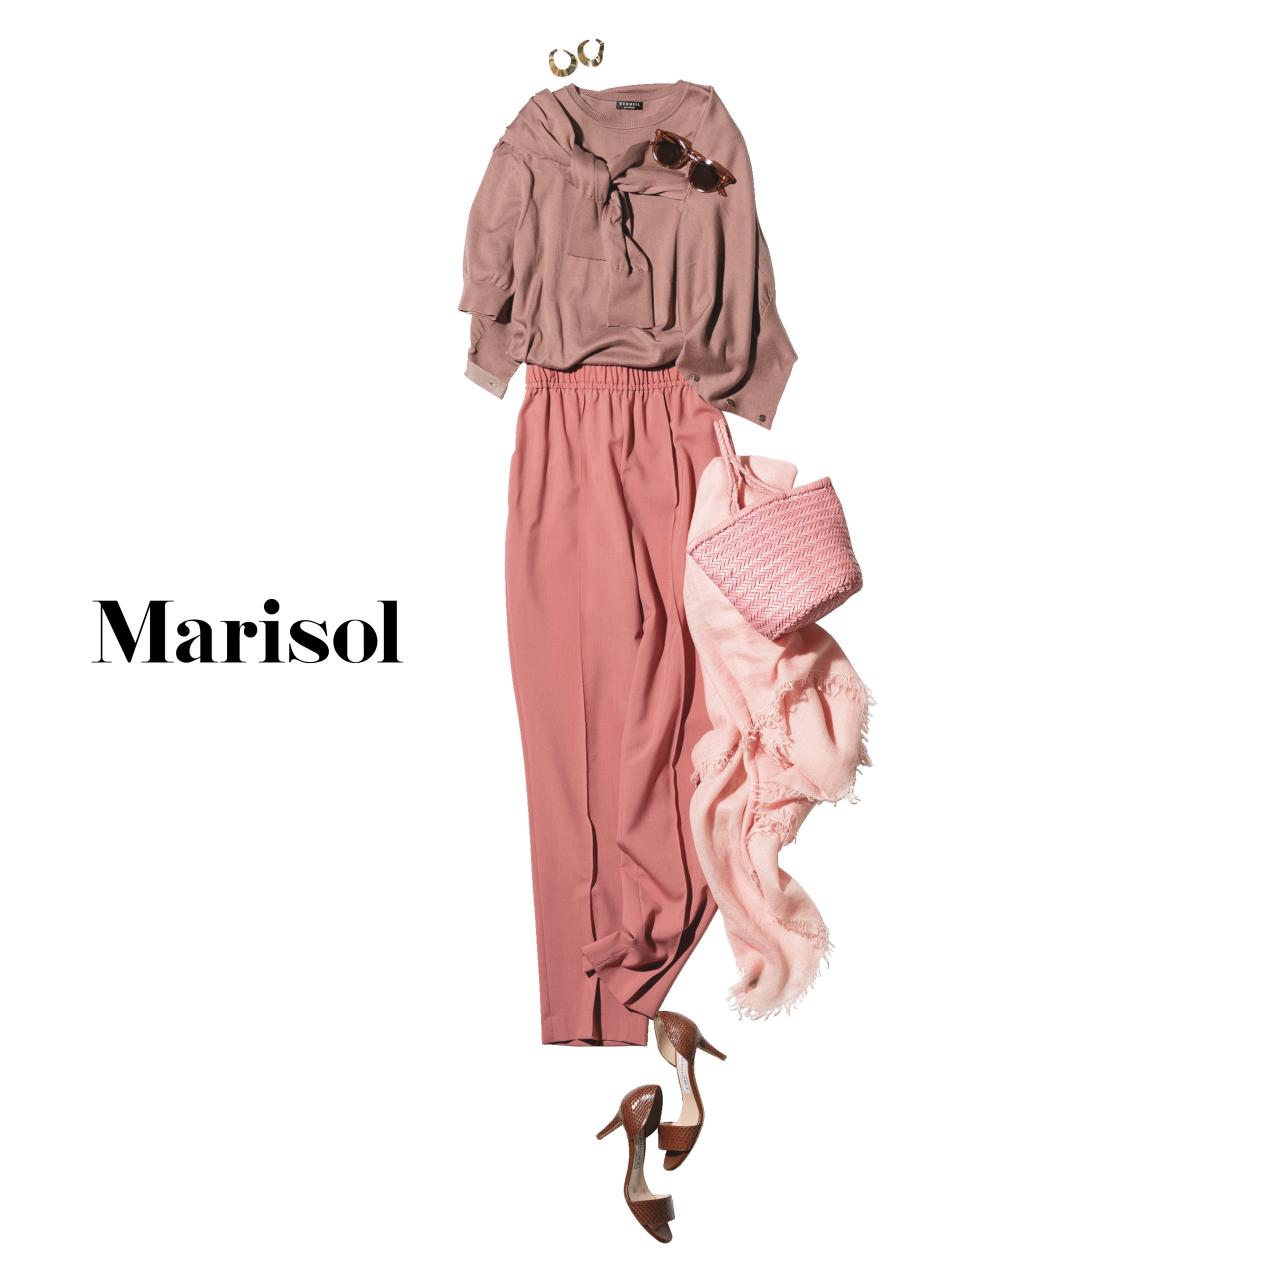 40代ファッション ピンクアンサンブルニット×ピンクパンツコーデ